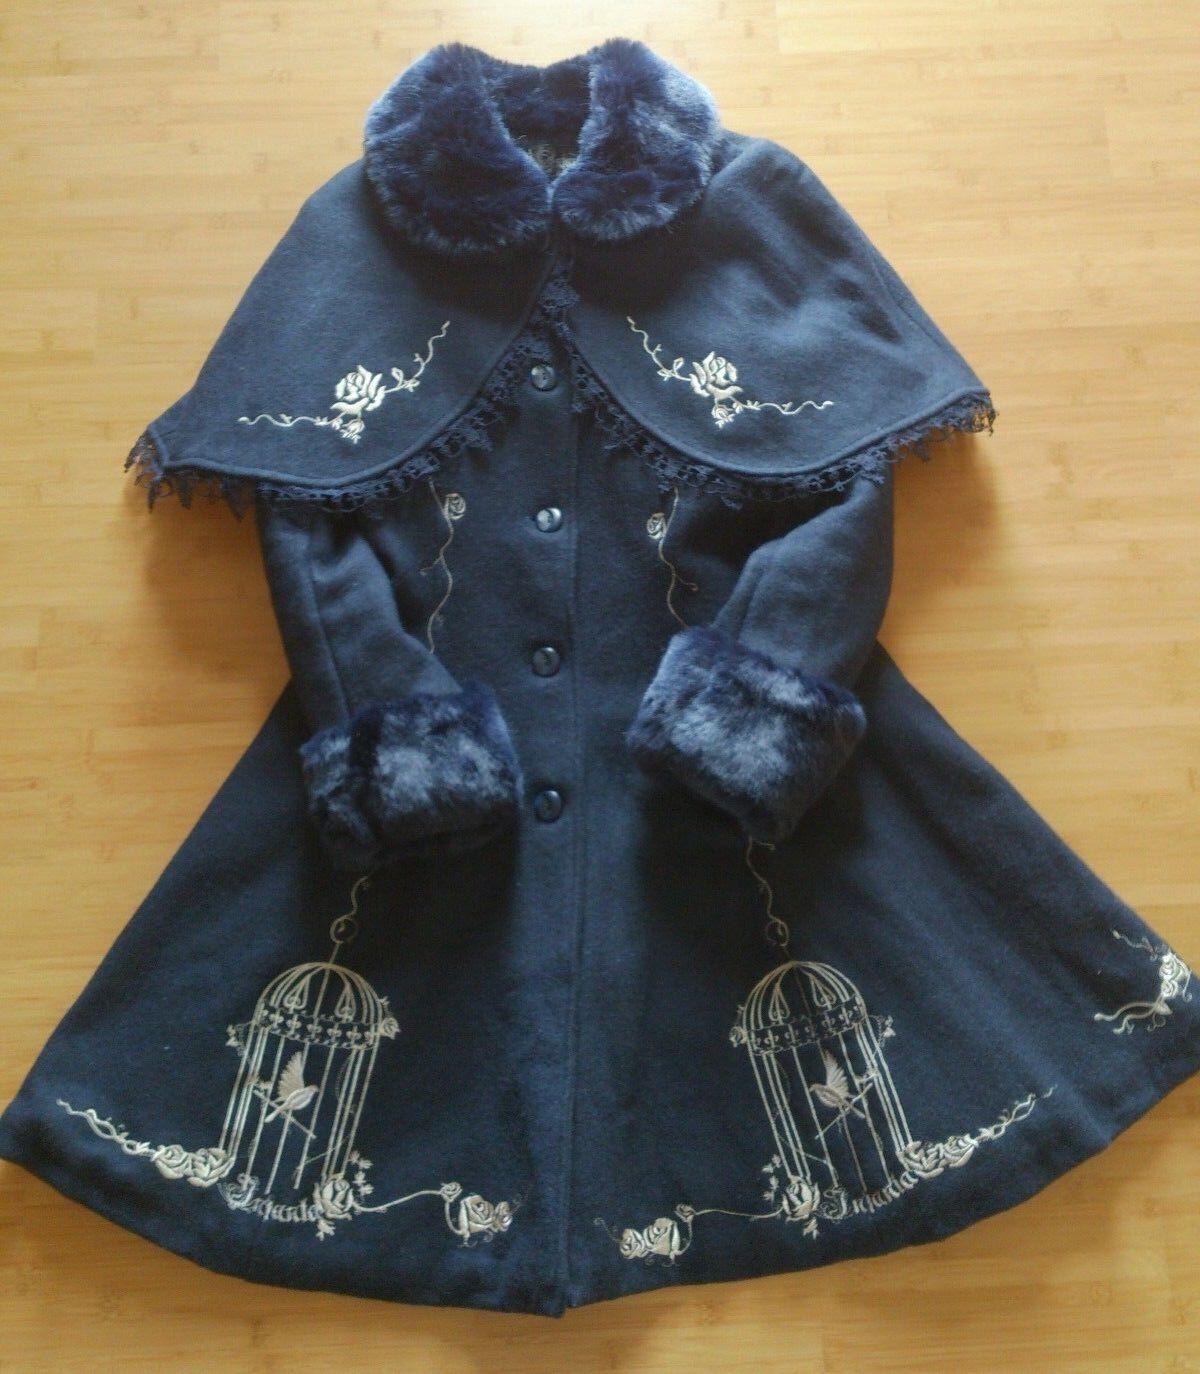 Infanta Lolita Wintermantel Wintermantel Wintermantel dunkelblau mit Cape Größe M (Cosplay) | Ausreichende Versorgung  9f56b7